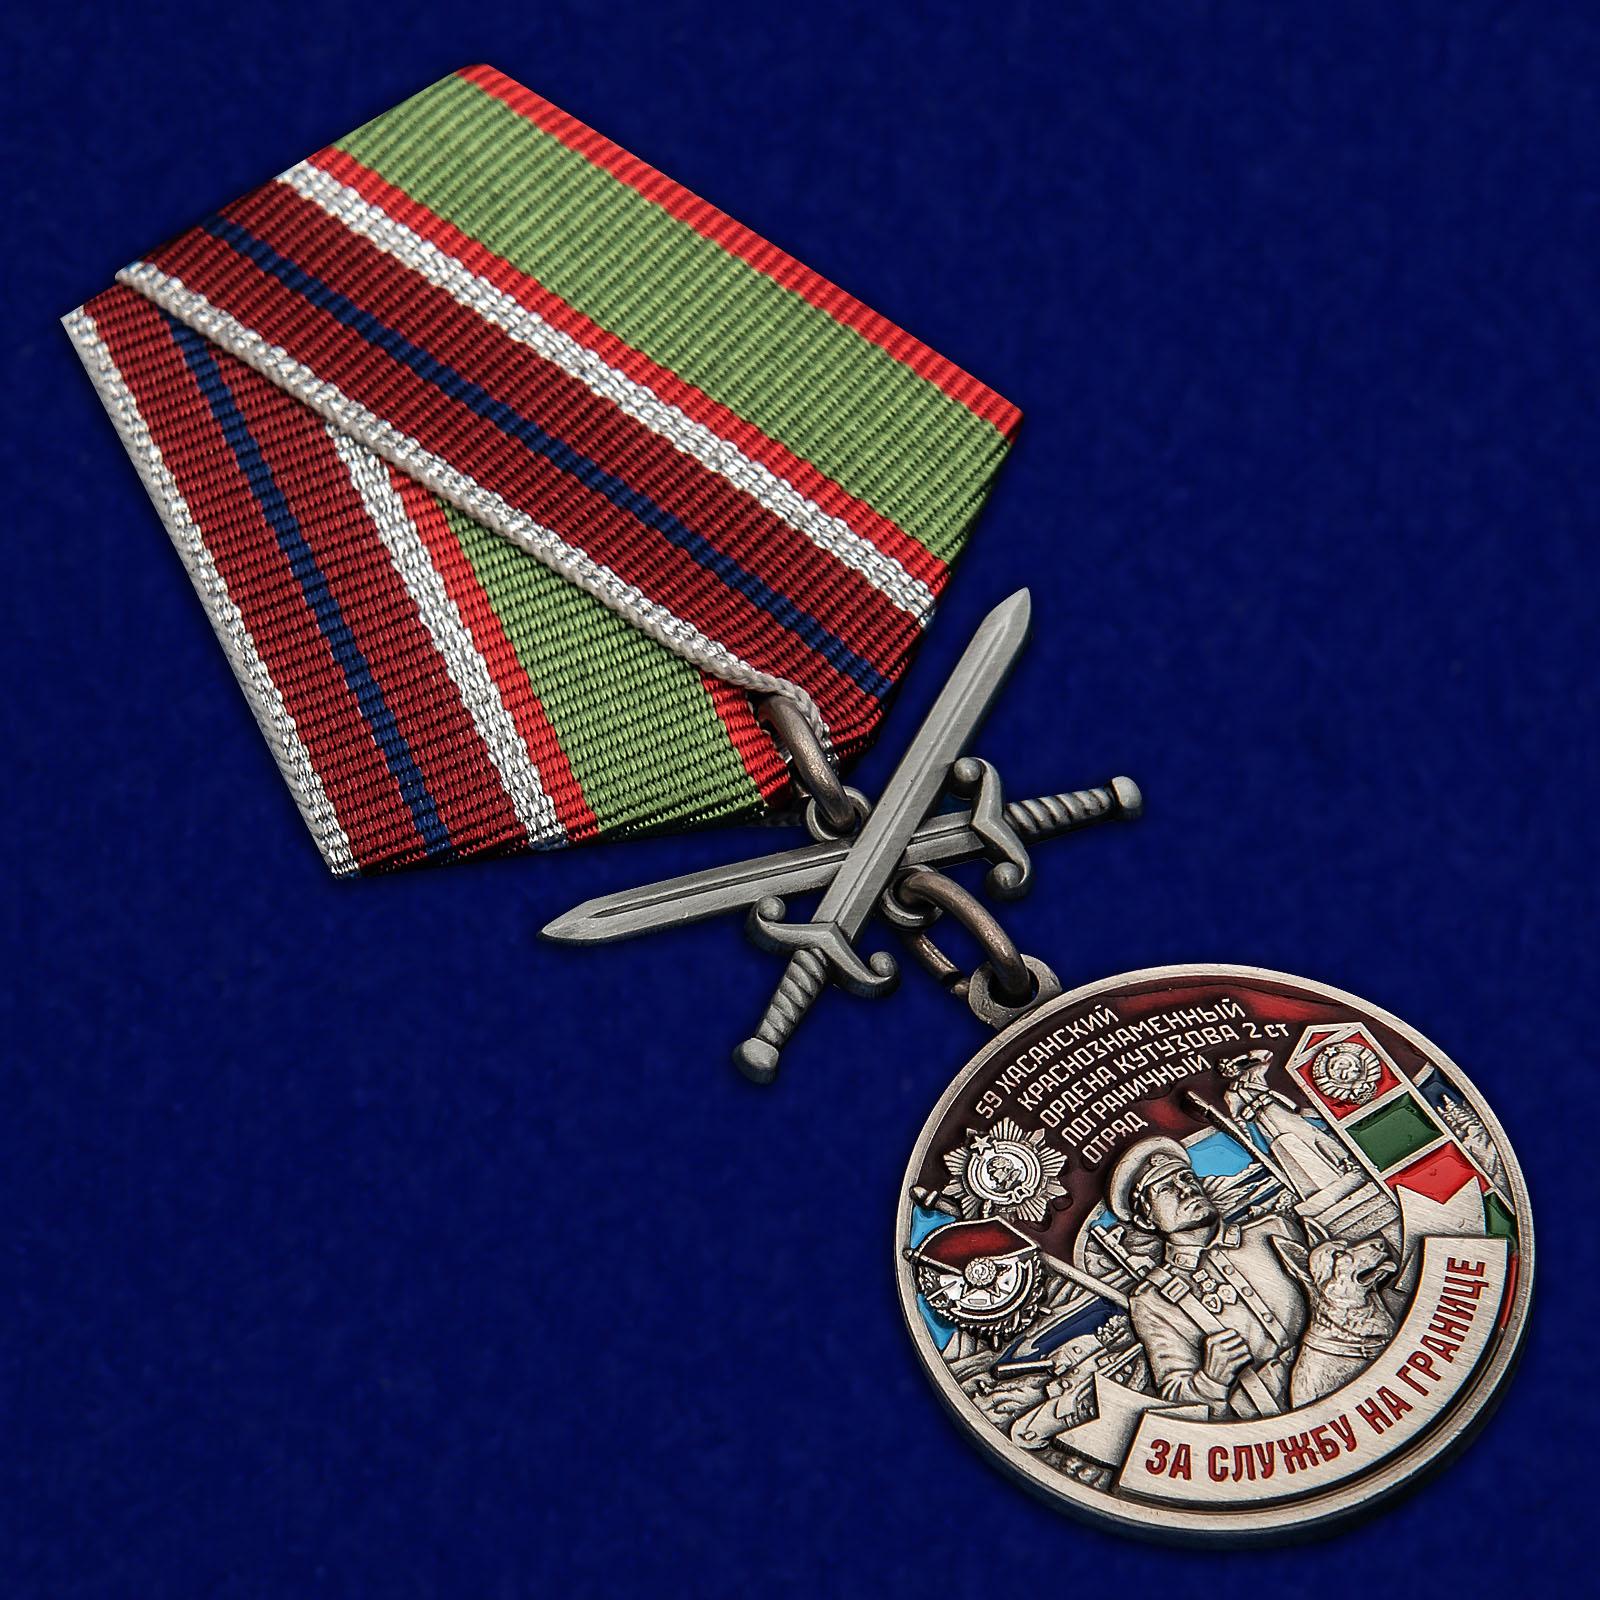 """Купить медаль """"За службу в Хасанском пограничном отряде"""""""